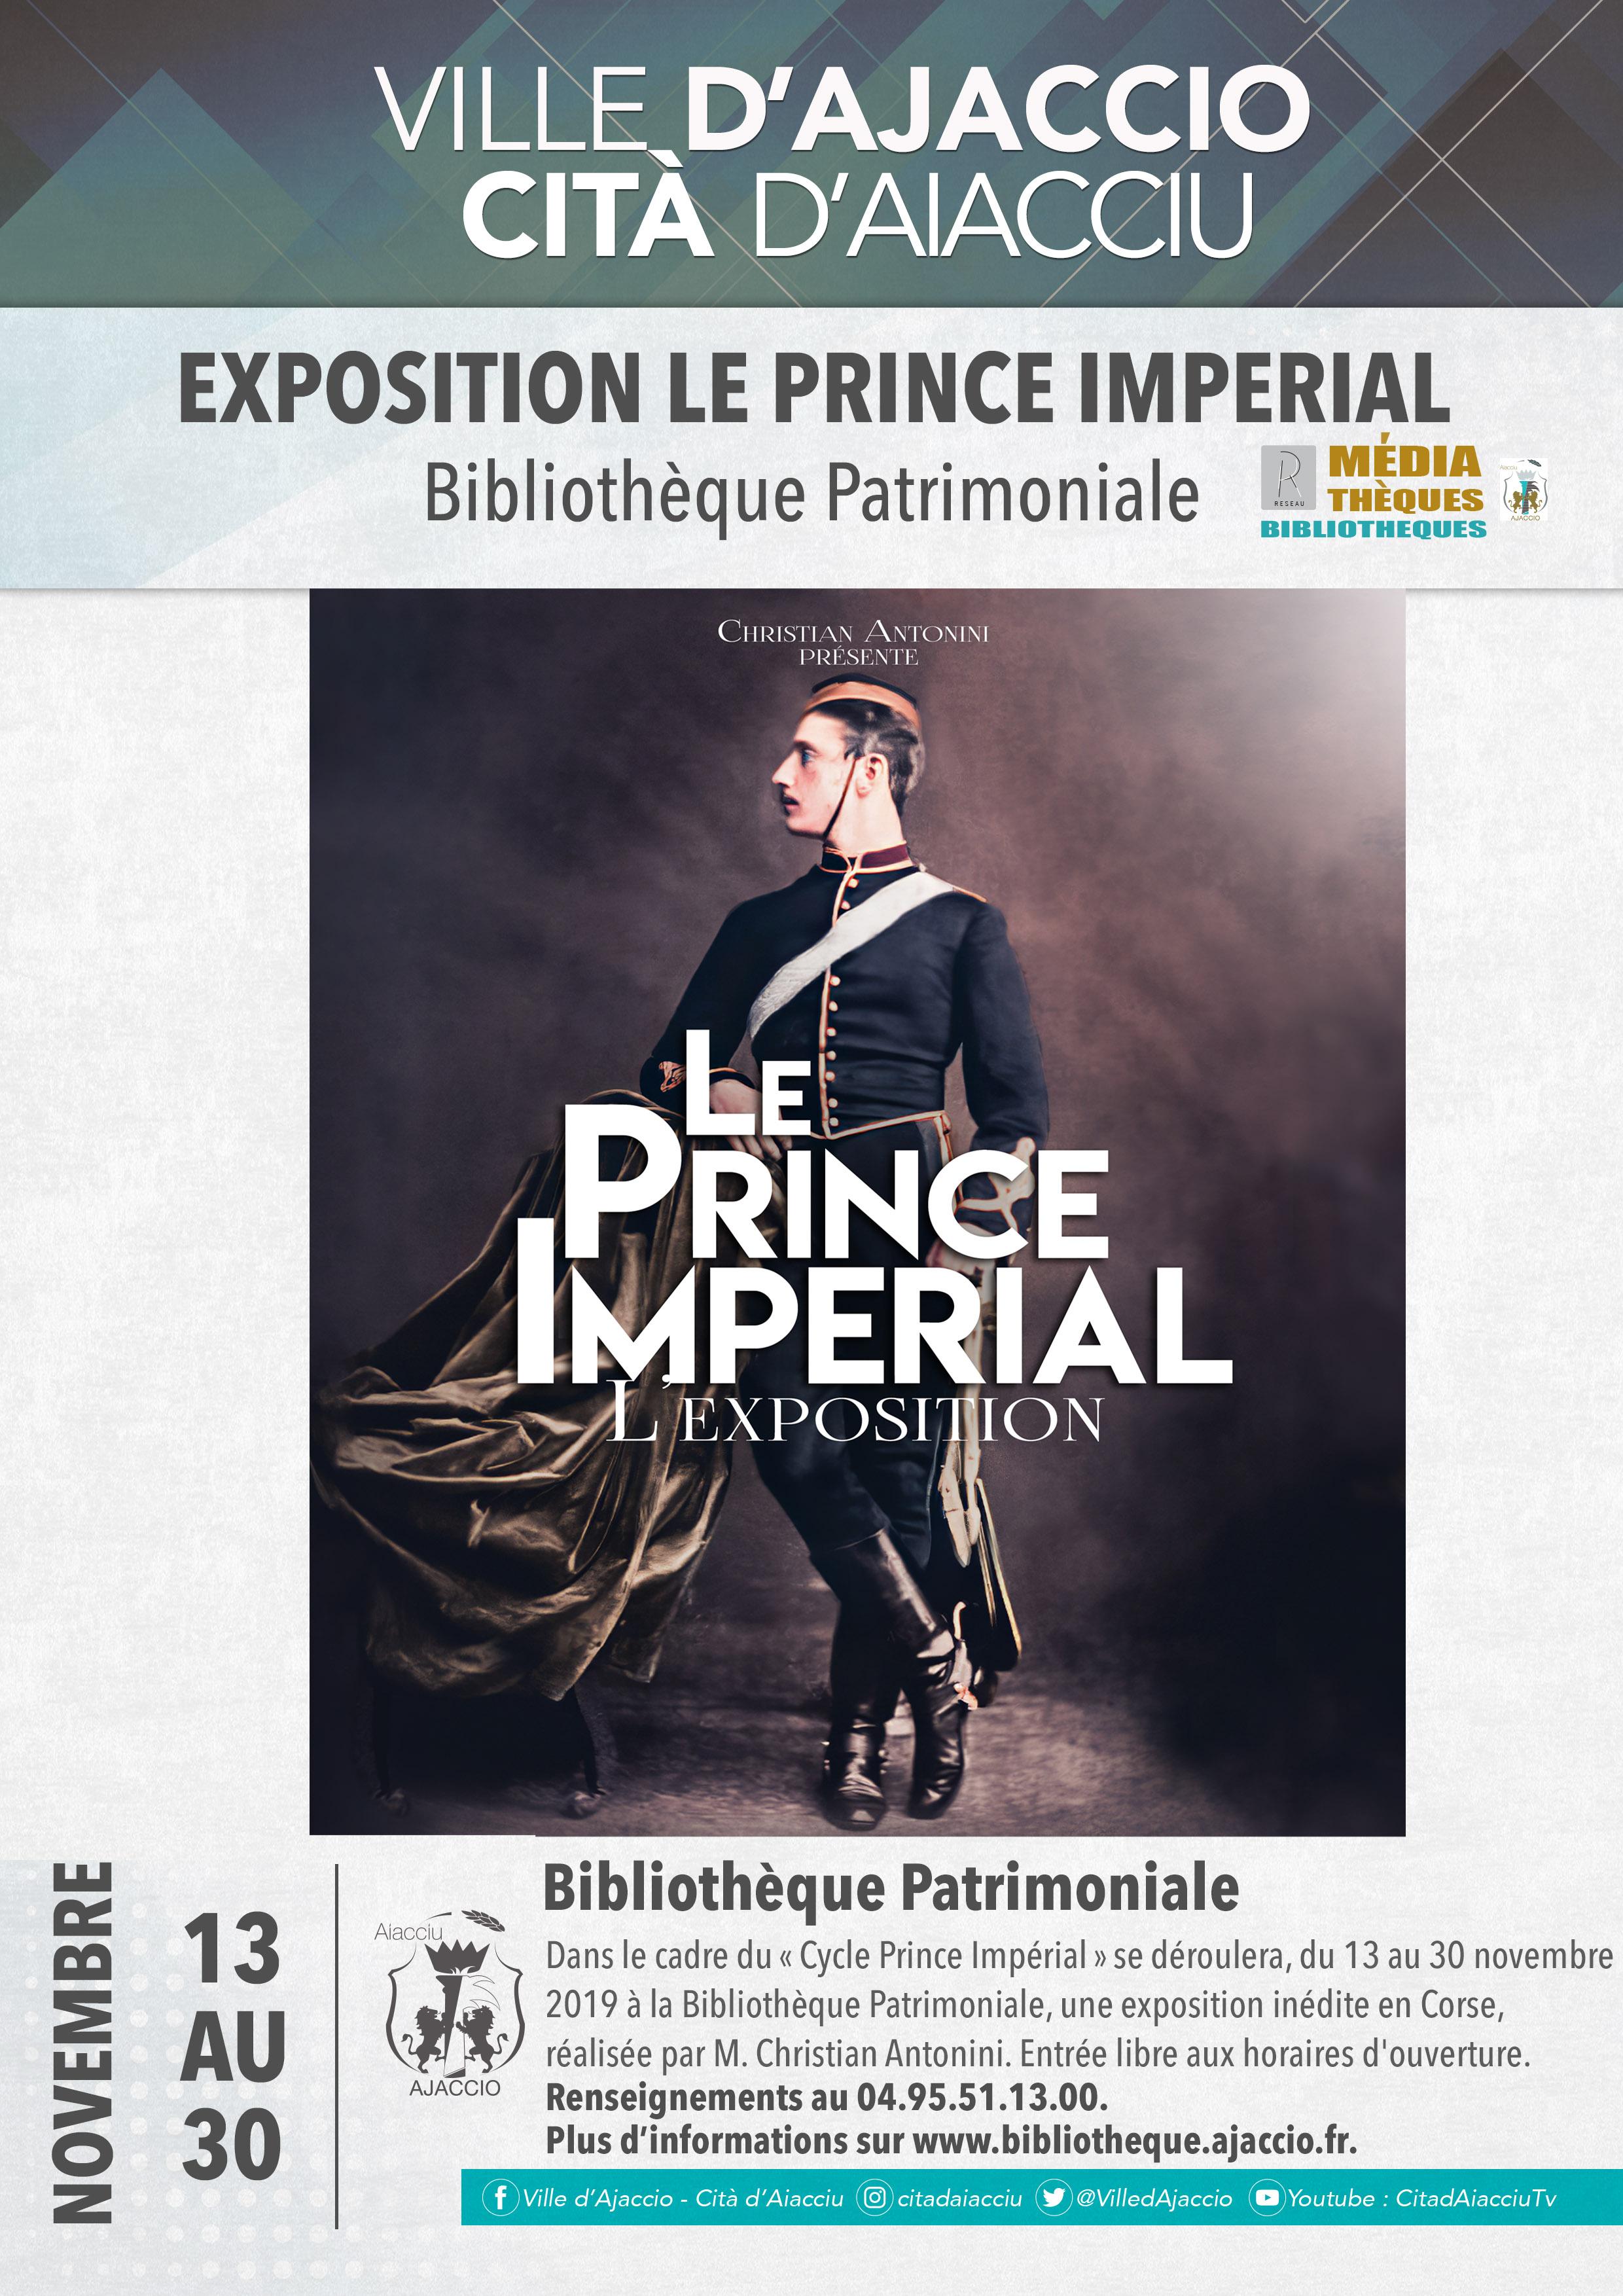 Le Prince Impérial s'expose à la Bibliothèque Patrimoniale d'Ajaccio